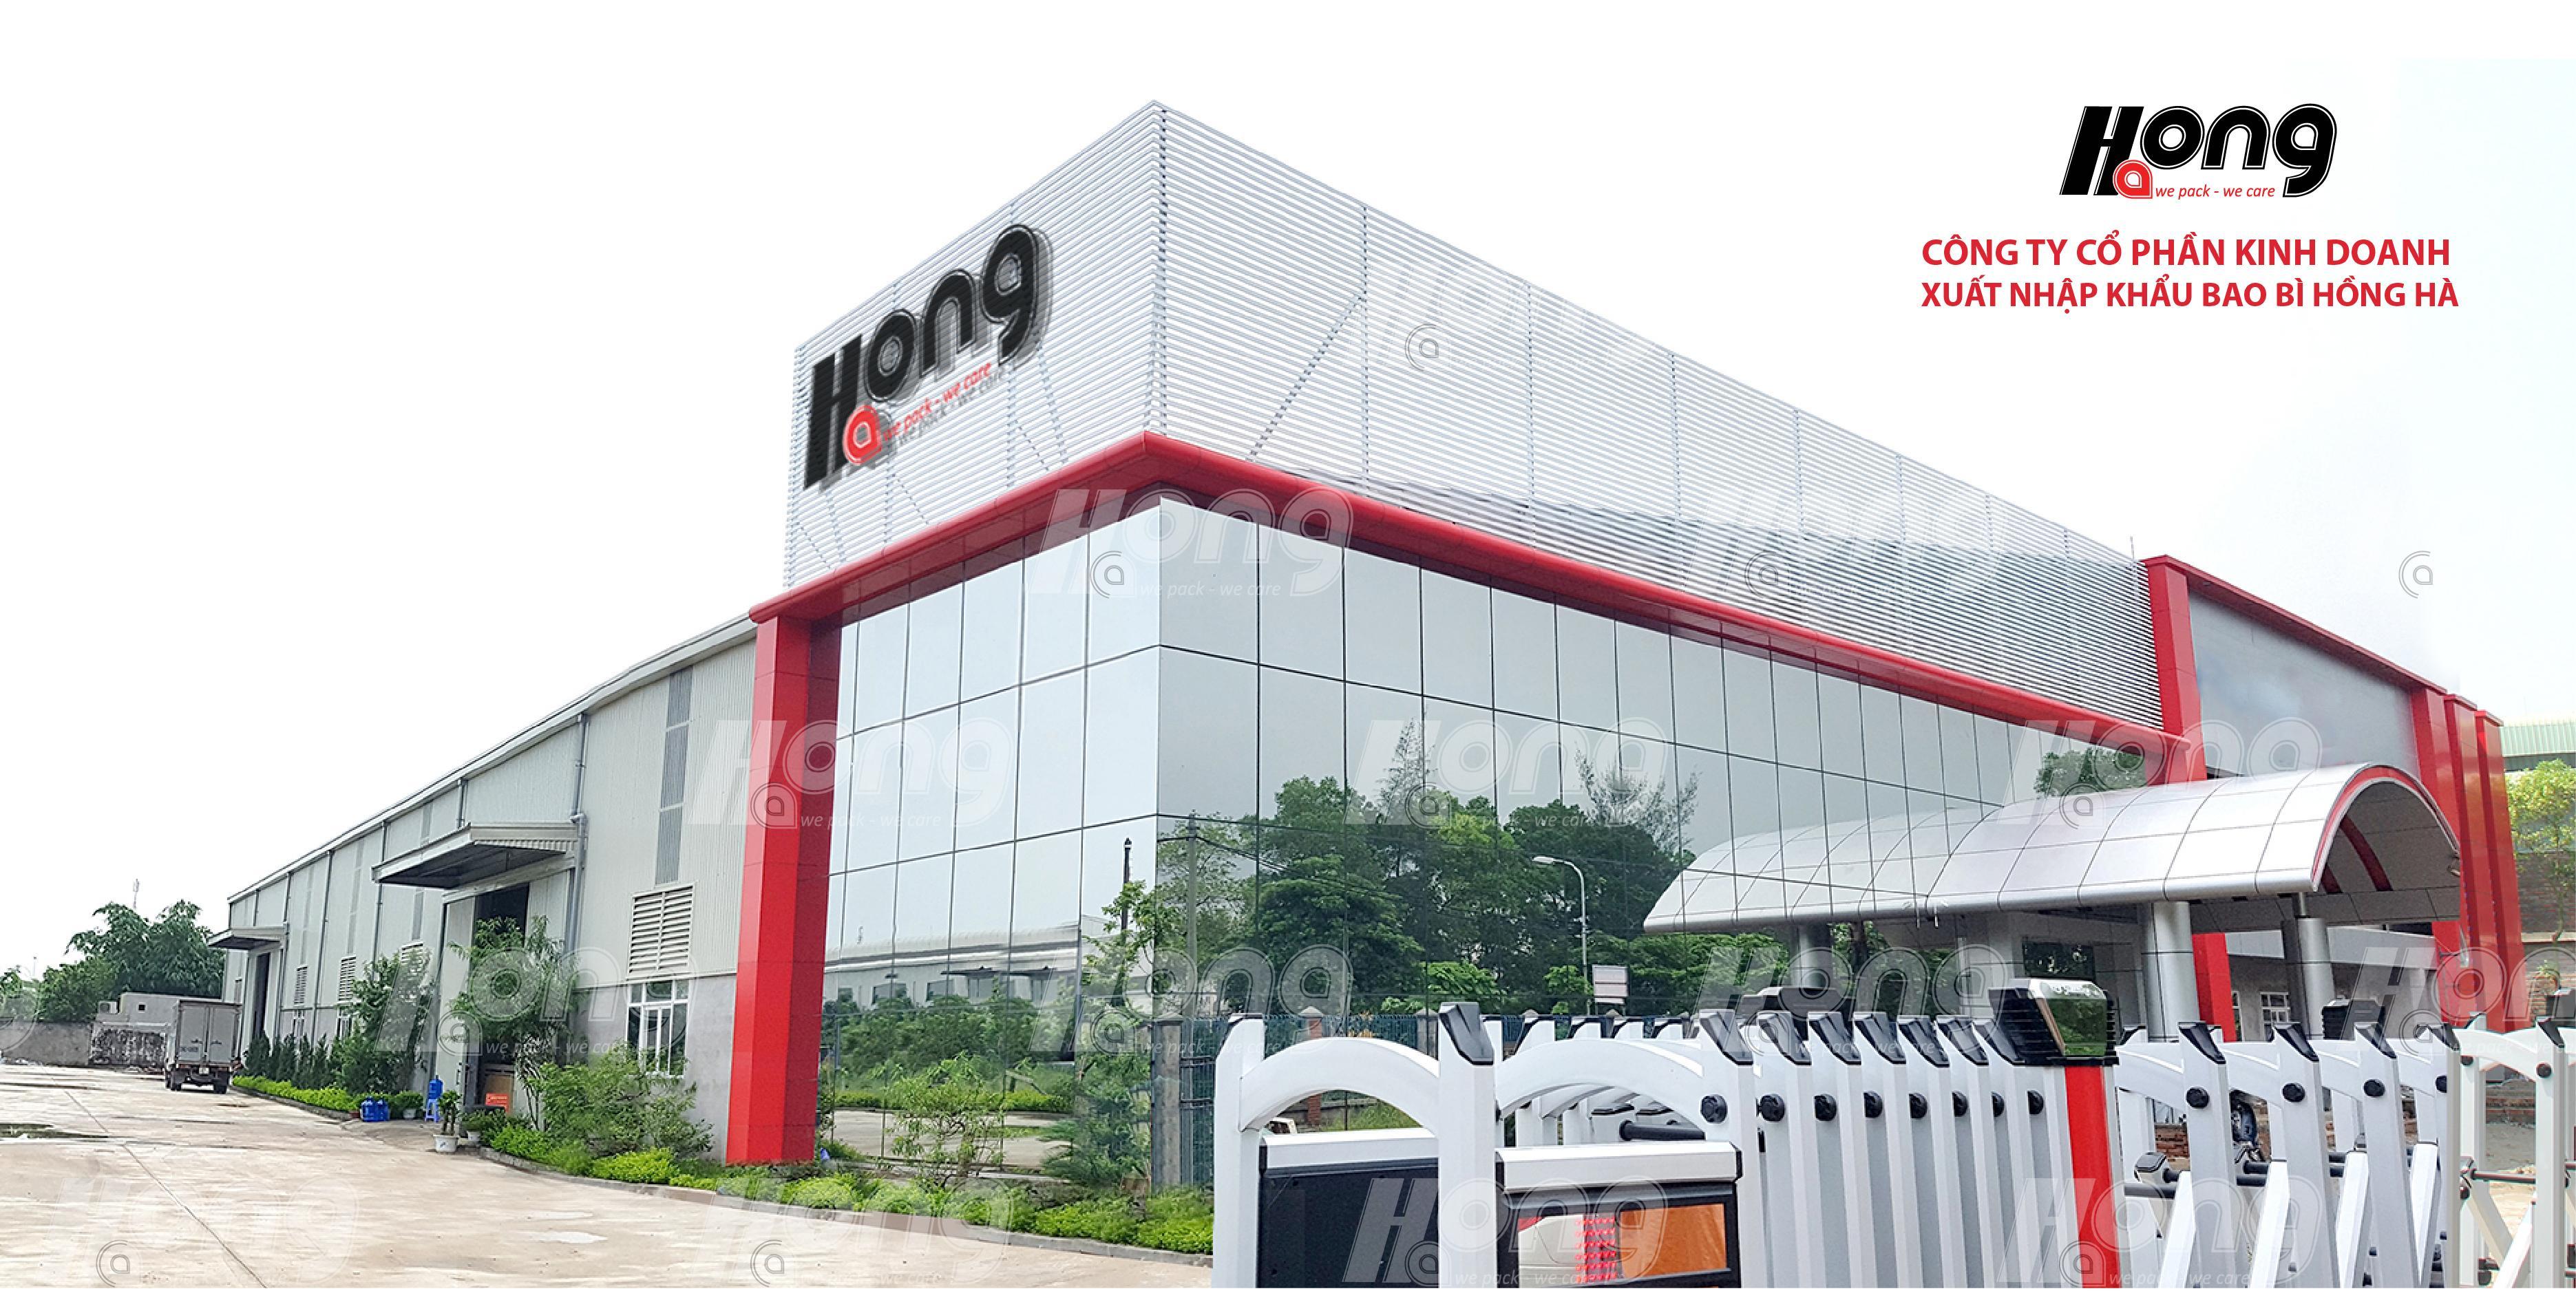 Nhà máy công ty Hồng Hà